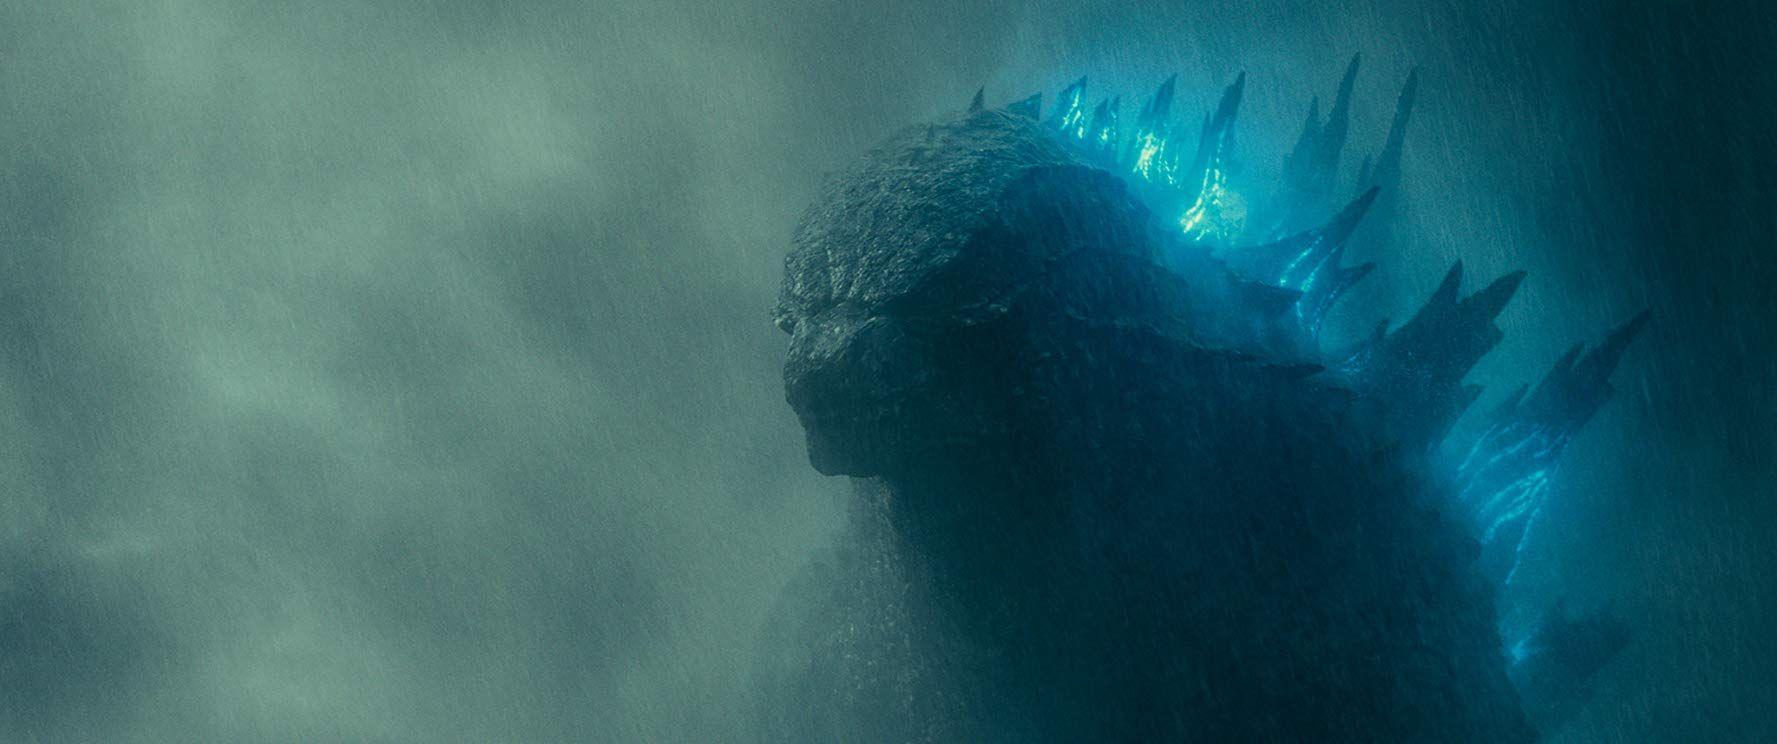 123movies Hd Watch Godzilla King Of The Monsters Online Free Godzilla Godzilla Franchise Movie Monsters